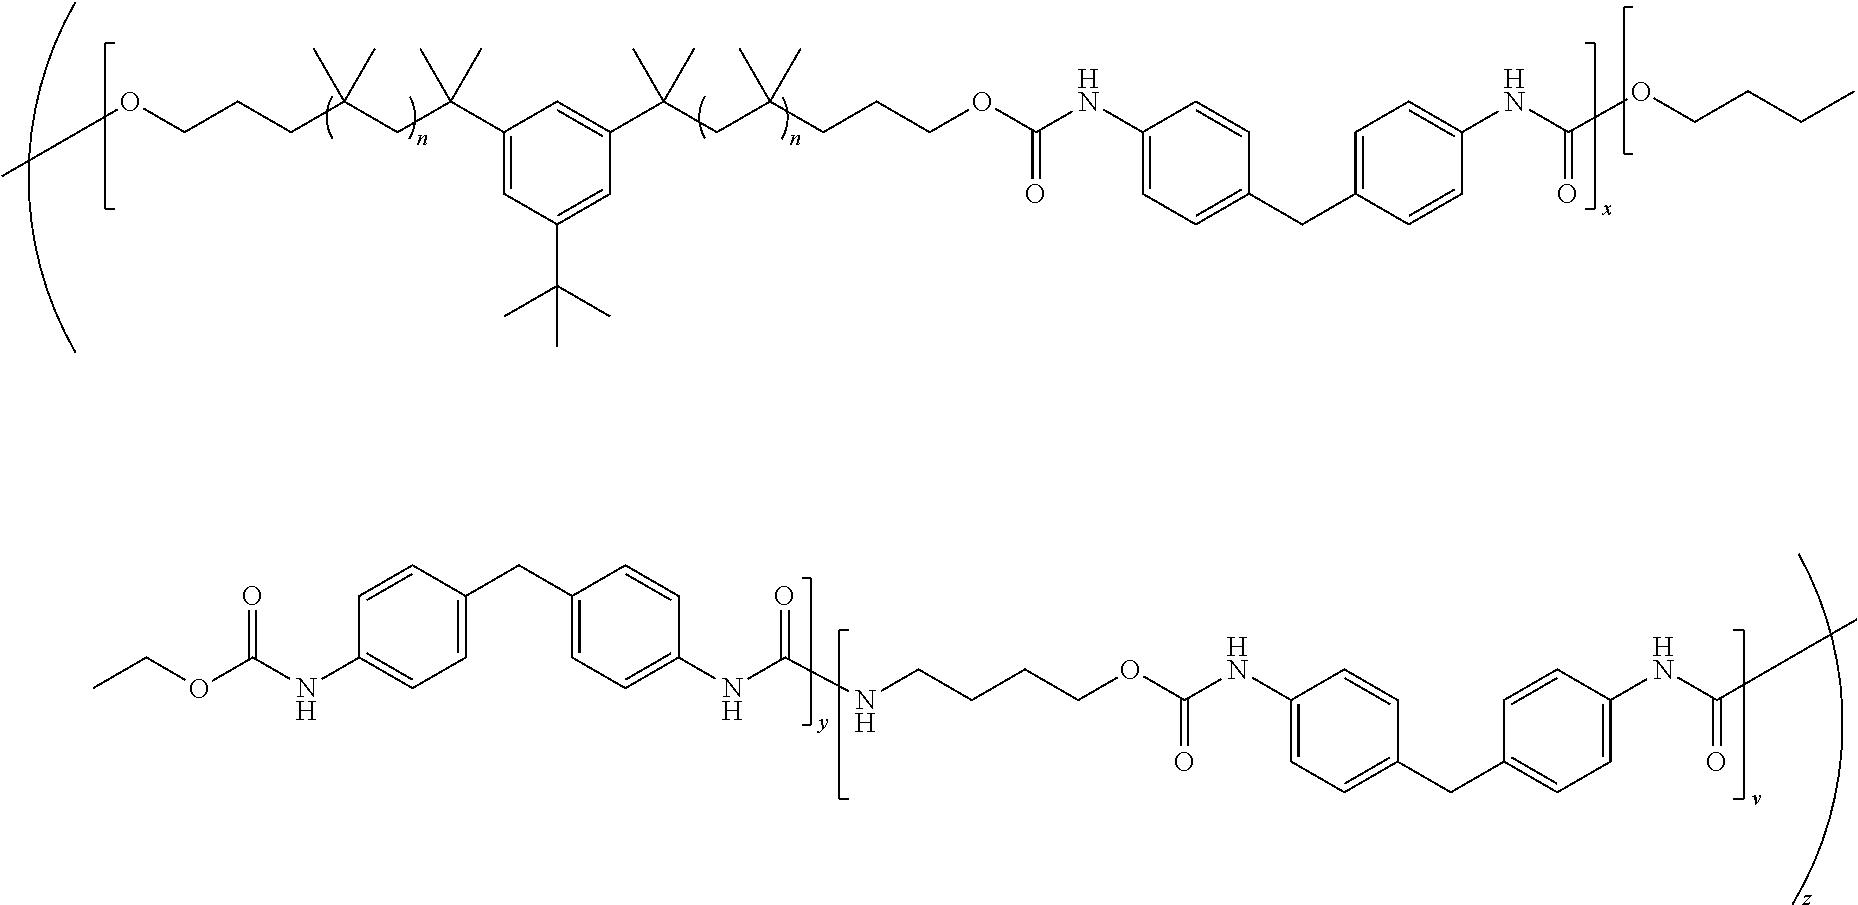 Figure US20190031811A1-20190131-C00006